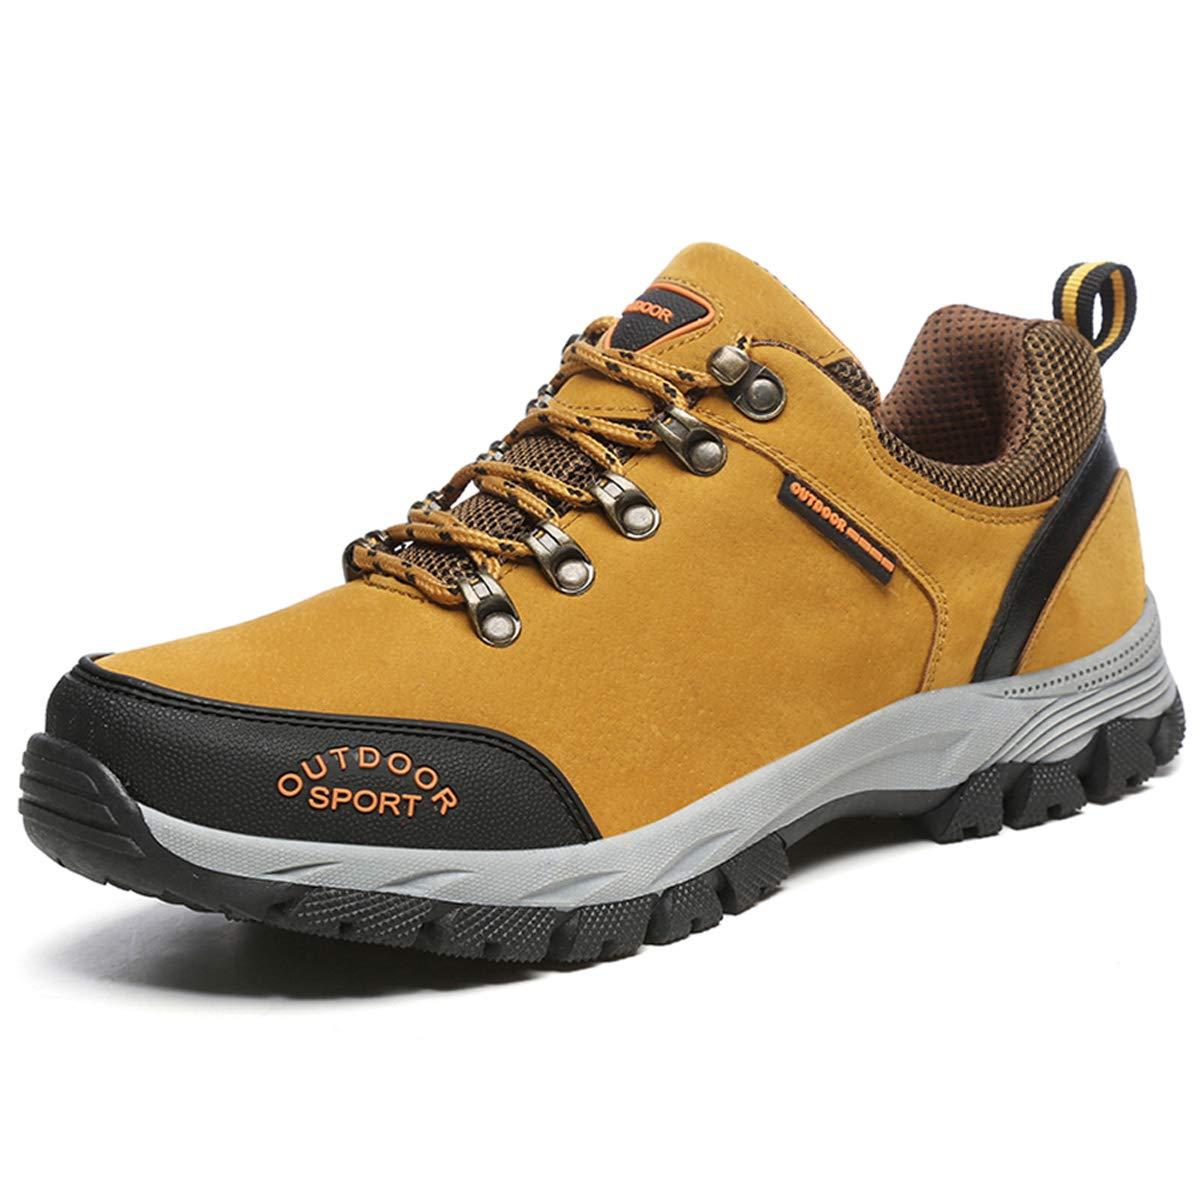 DANDANJIE Herren Wanderschuhe Turnschuhe Wasserdichte Schnürschuhe Laufschuhe Outdoor Trainer Schuhe für Herbst und Winter 2018